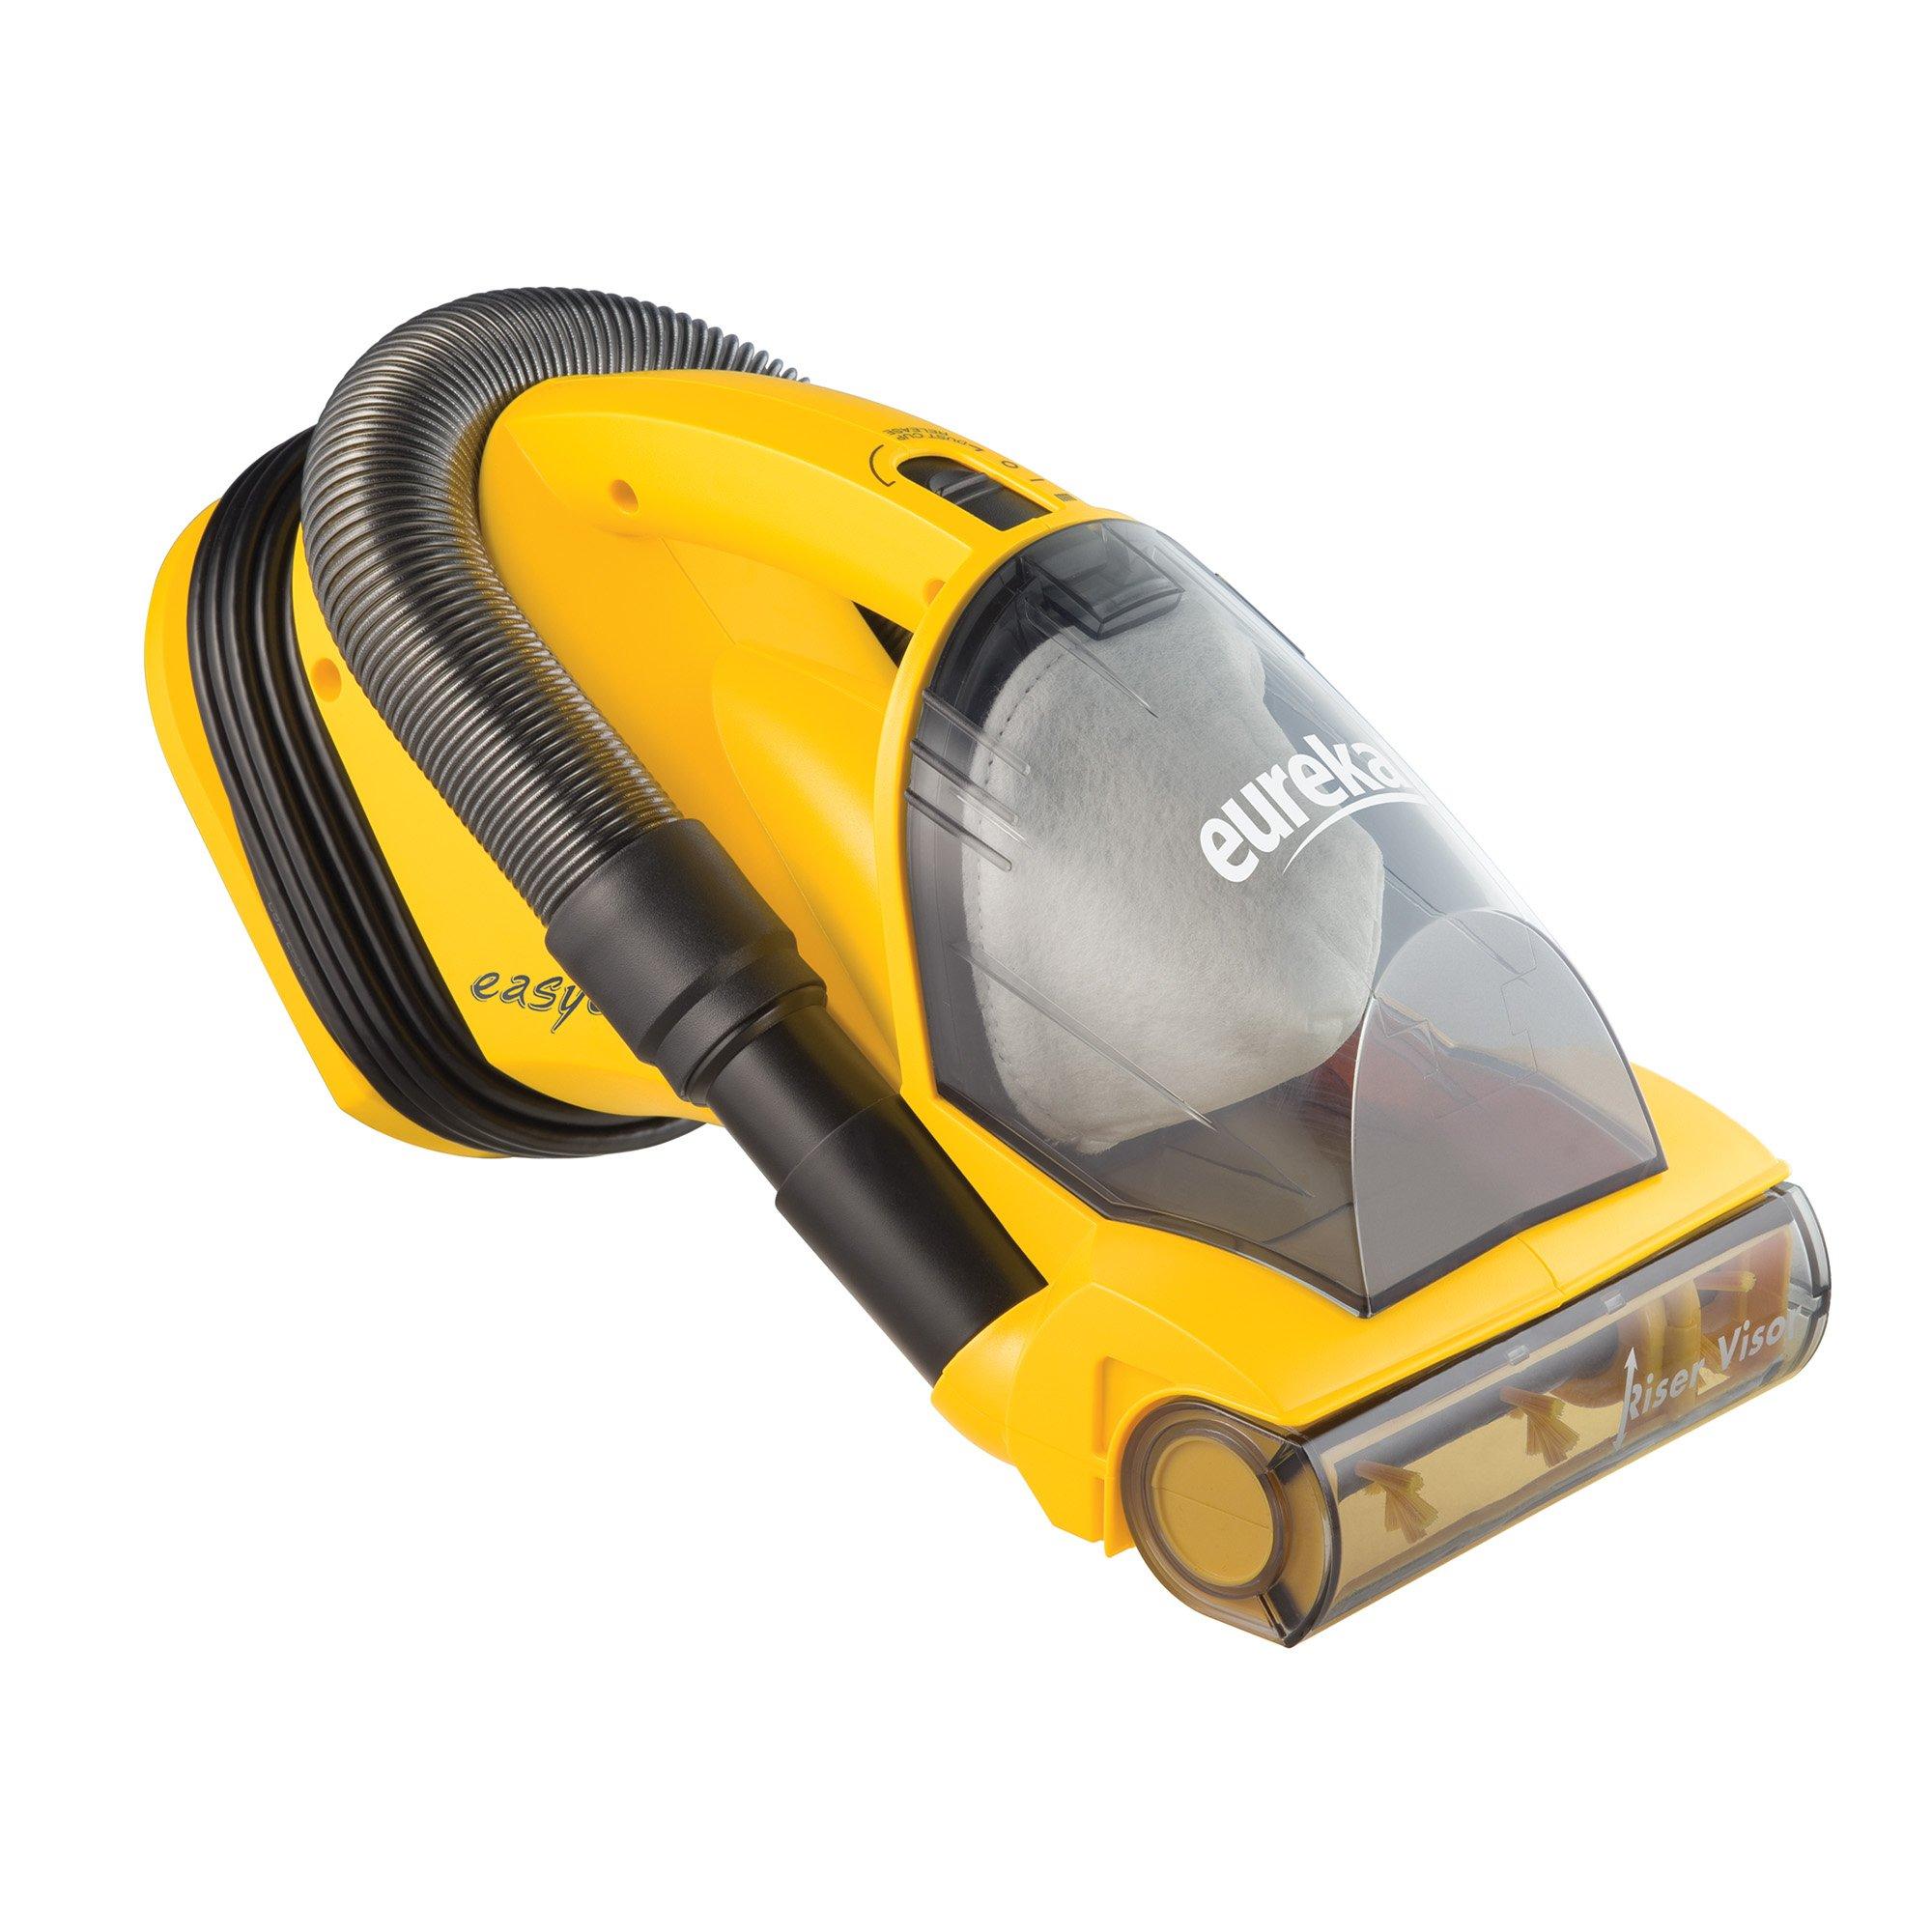 Eureka EasyClean Corded Hand Held Vacuum Cleaner - Floors ...